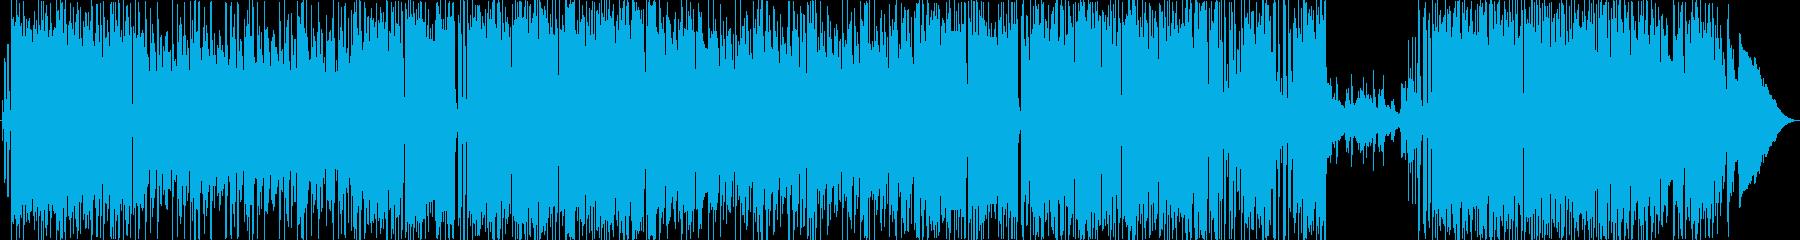 ほのぼの&軽いボサノヴァ系ポップスです。の再生済みの波形